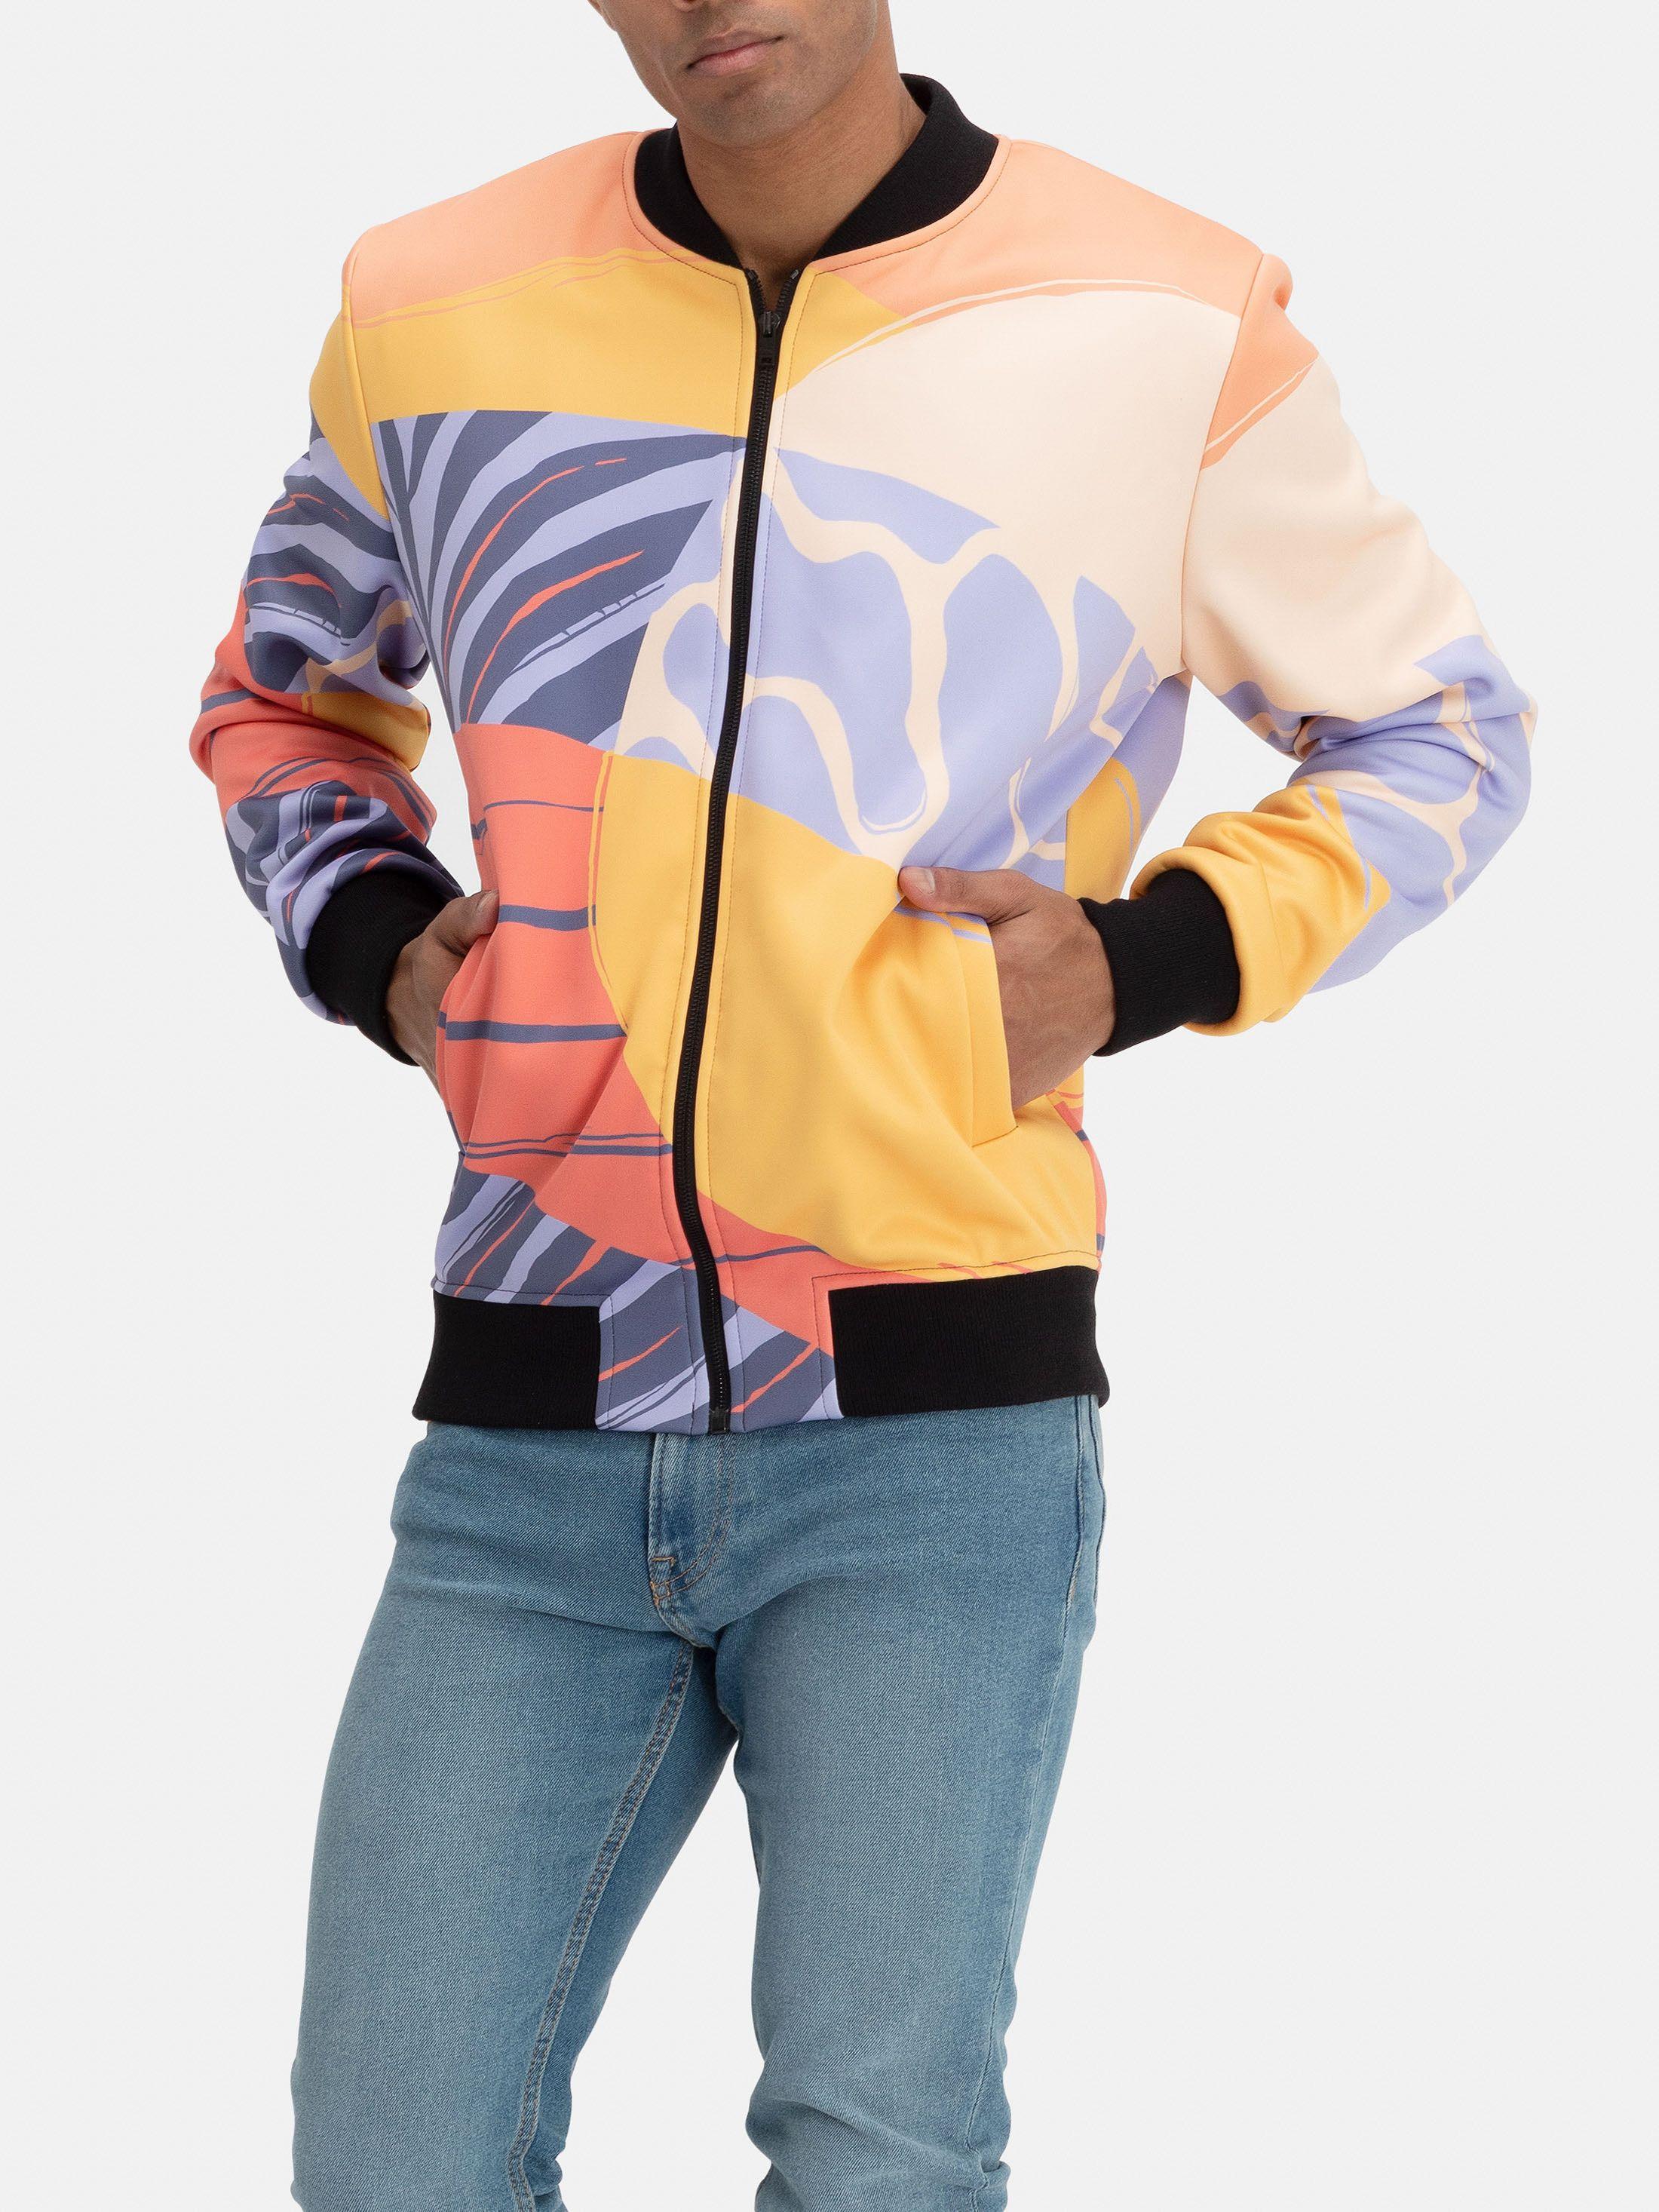 Customized bomber jacket back